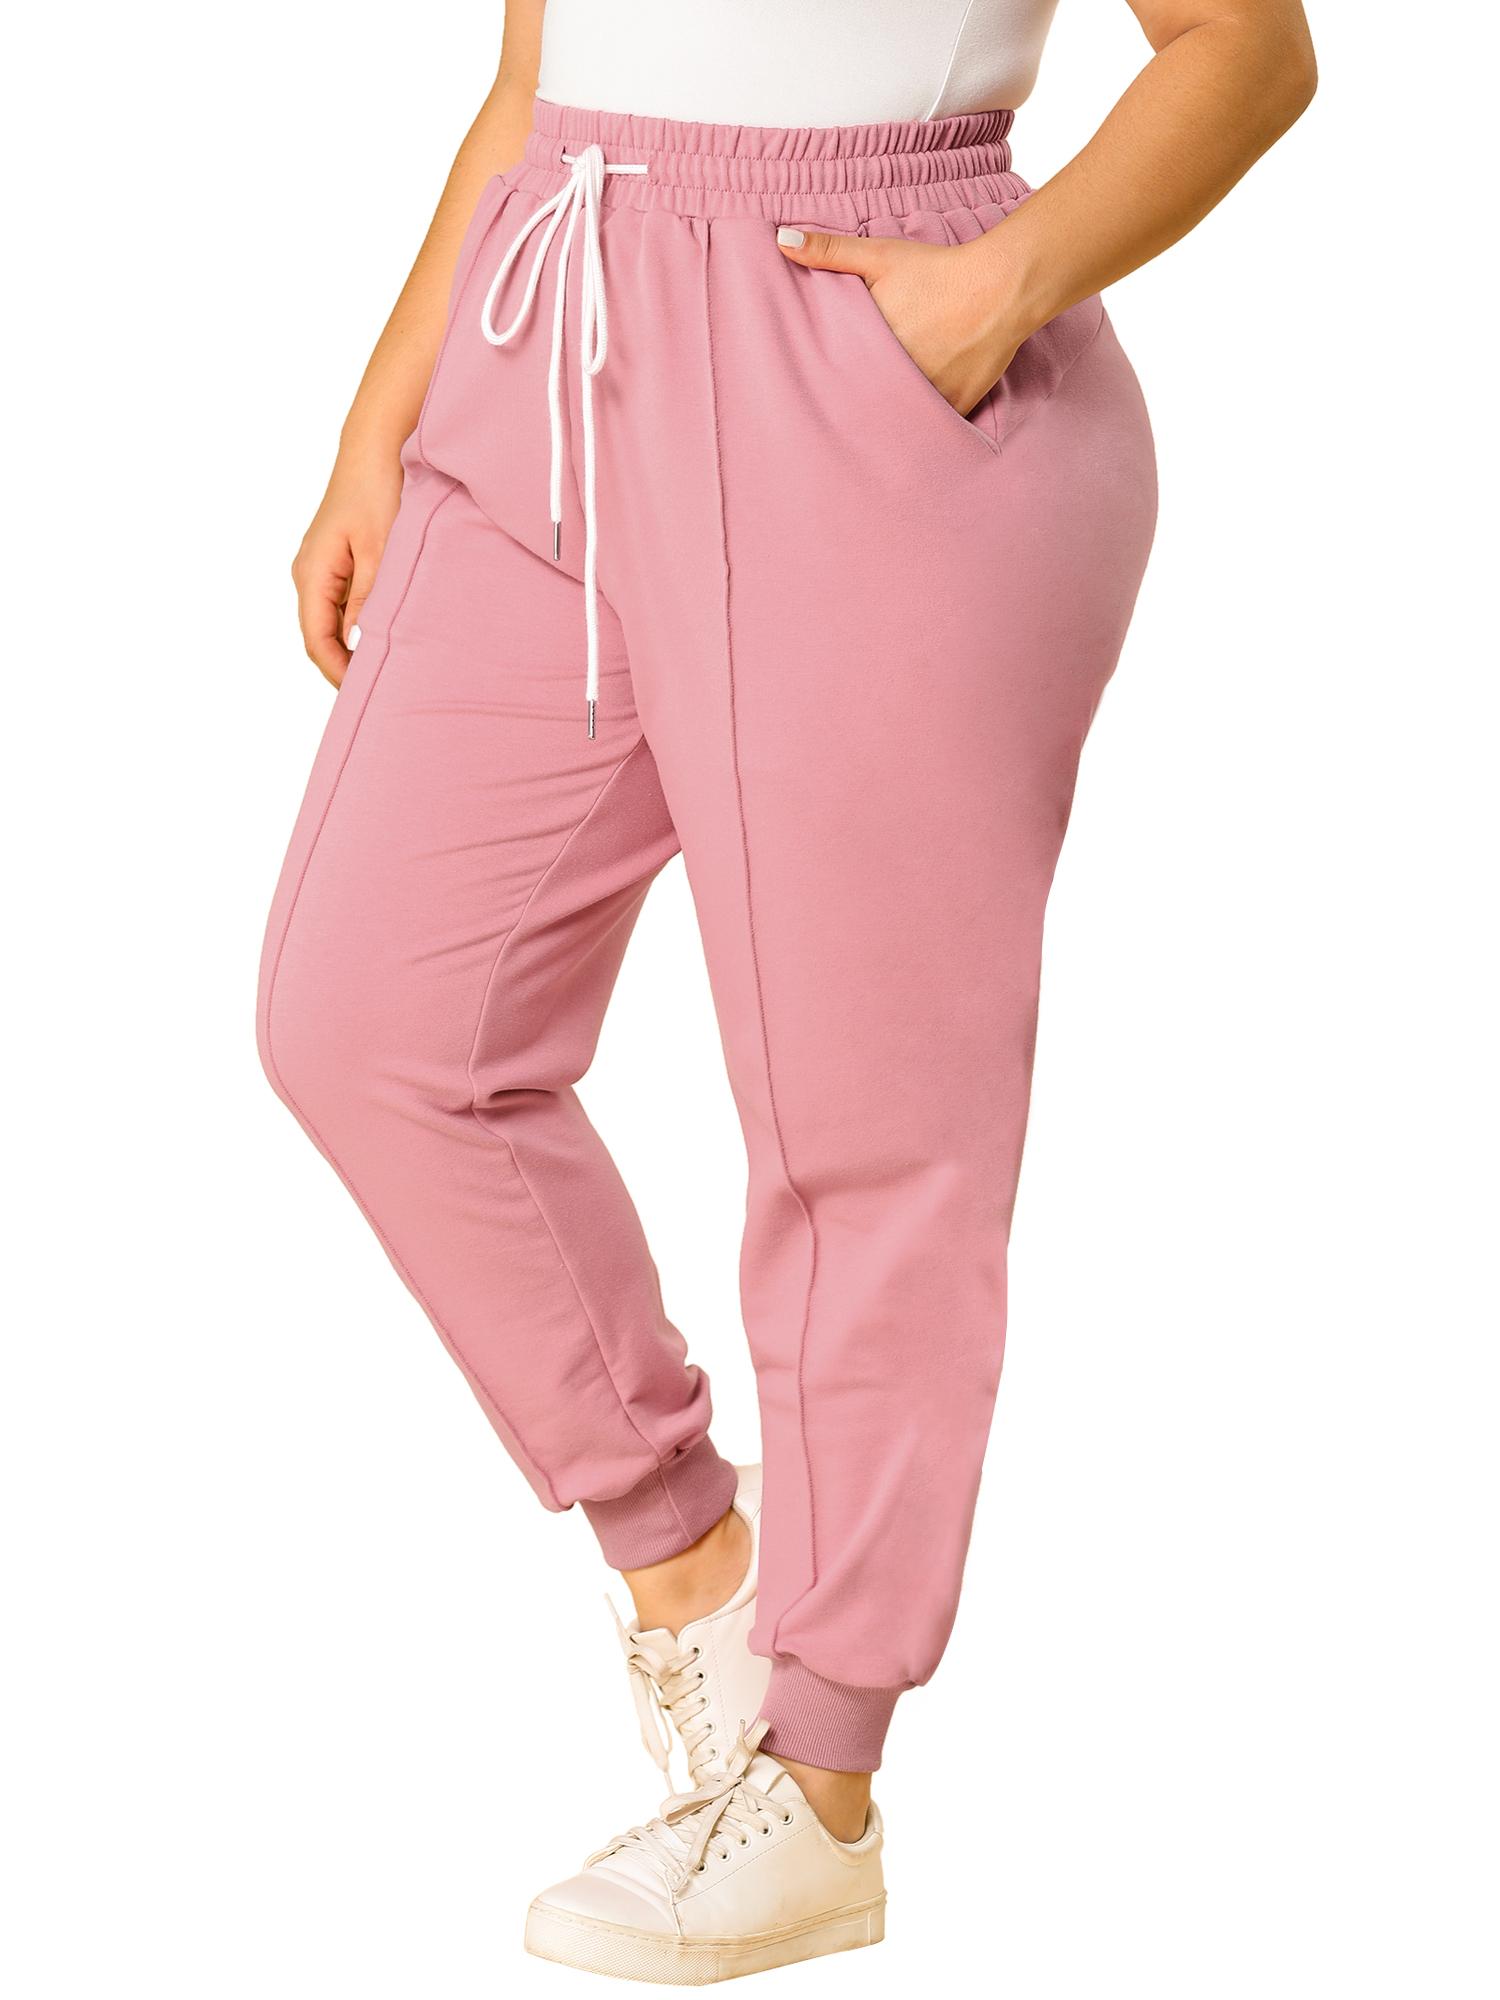 Women's Plus Size Sweatpants Elastic Waist Contrast Jogger Pant Pink 2X